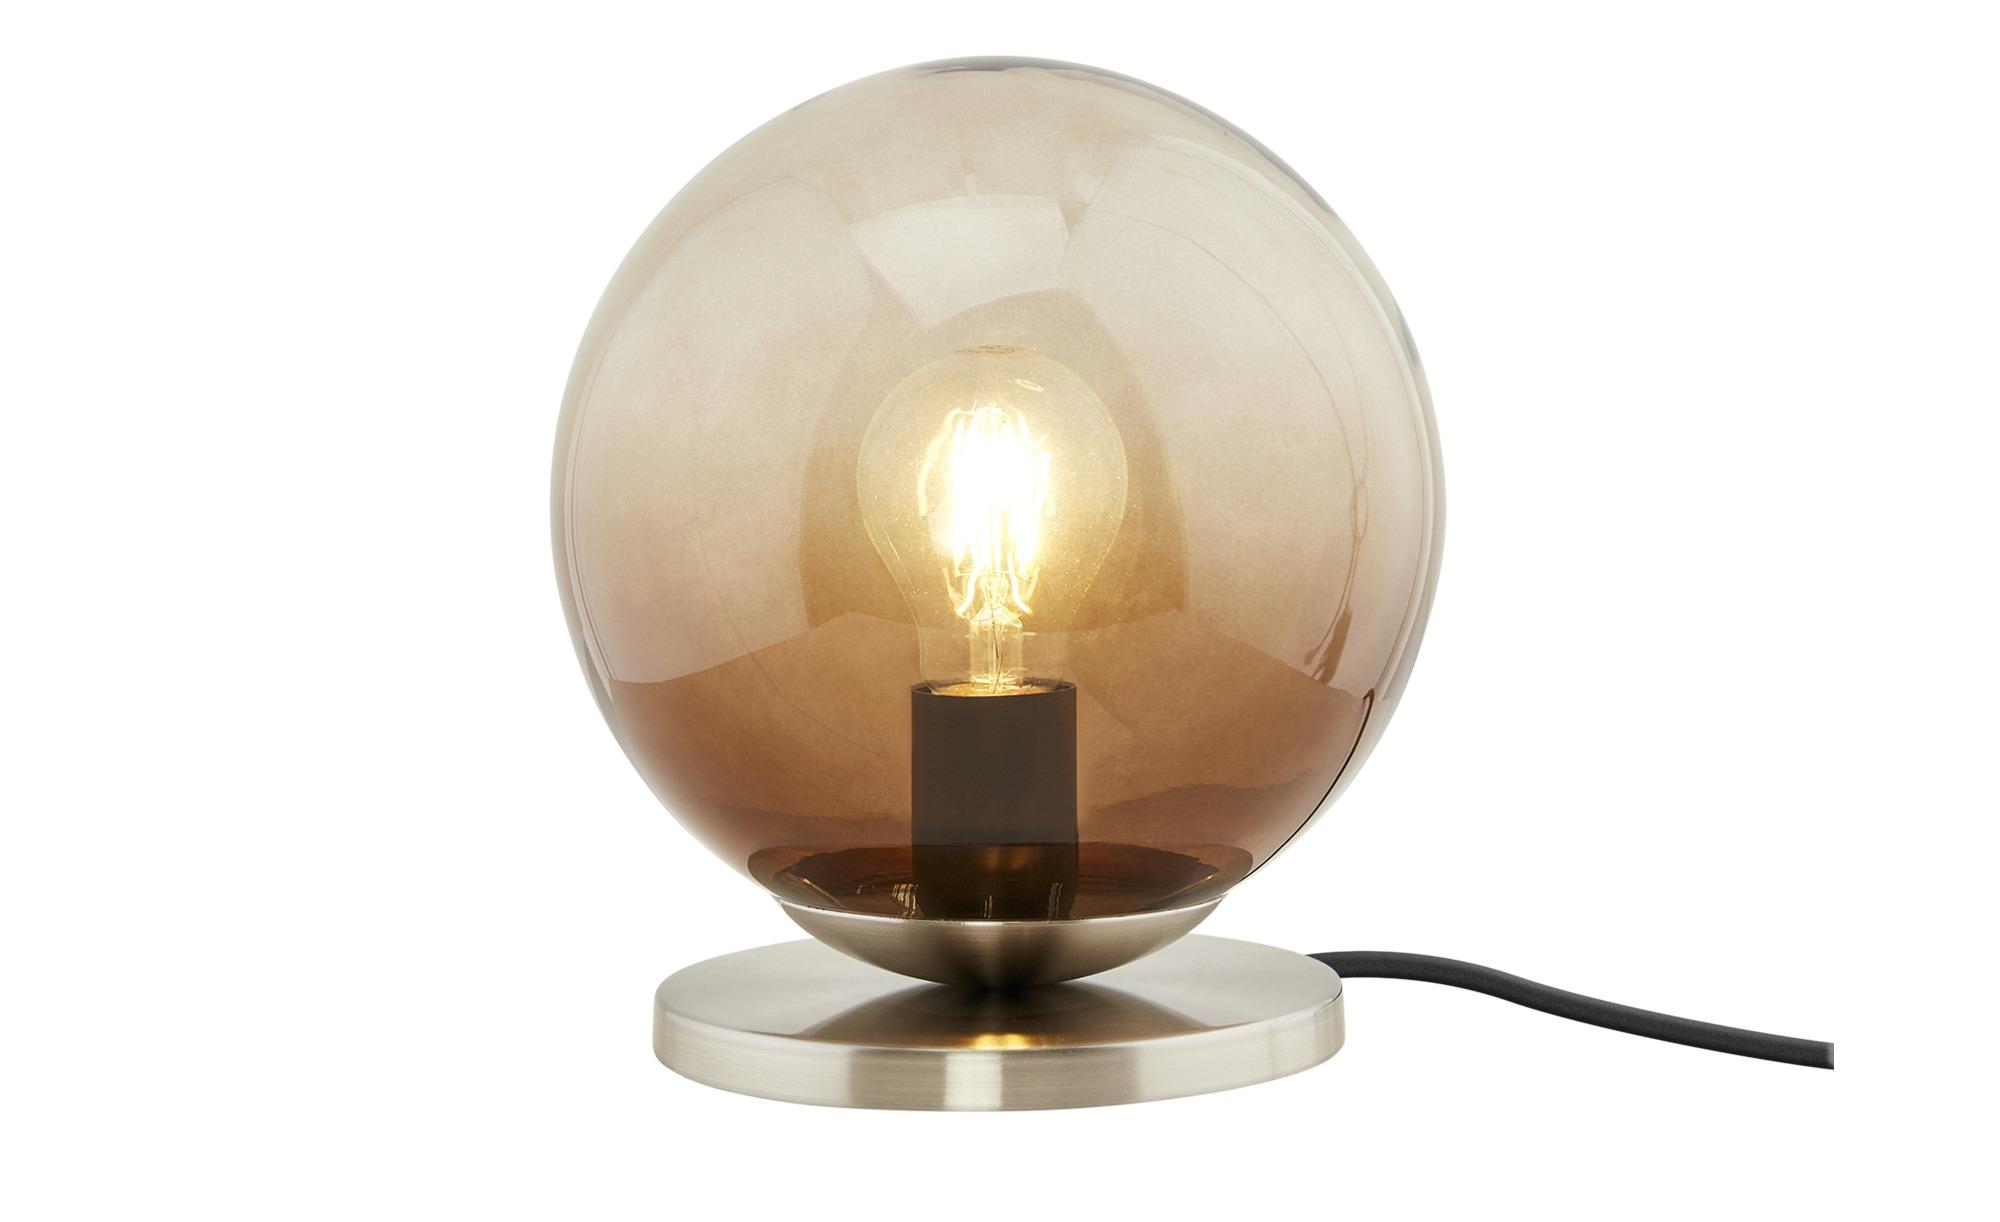 Tischleuchte, 1-flammig ¦ silber ¦ Maße (cm): H: 22,3 Ø: [20.0] Lampen & Leuchten > Innenleuchten > Tischlampen - Höffner